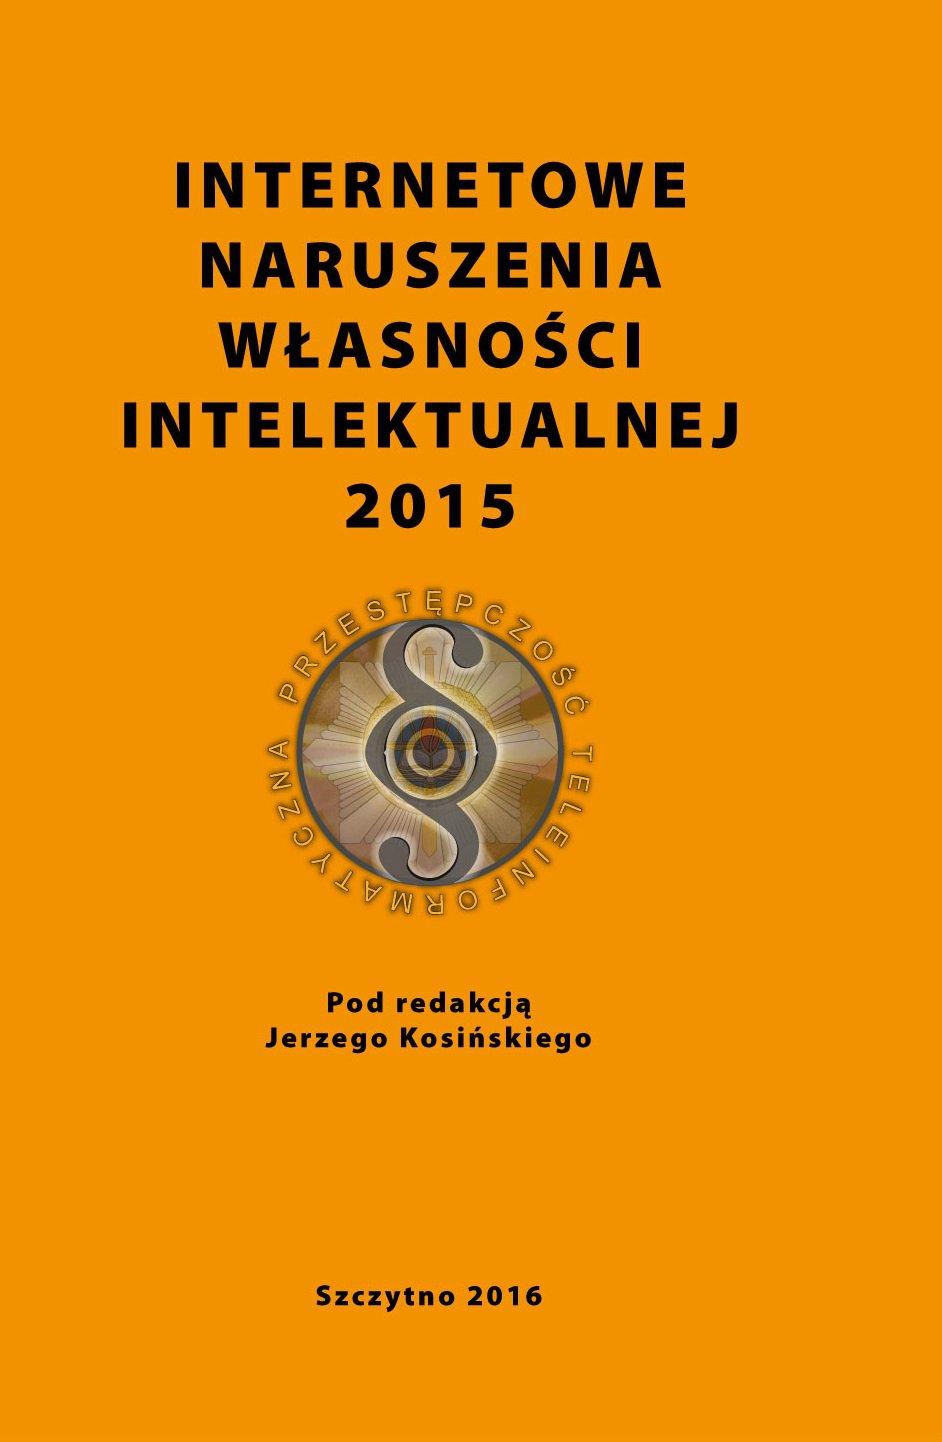 Internetowe naruszenia własności intelektualnej 2015 - Ebook (Książka PDF) do pobrania w formacie PDF